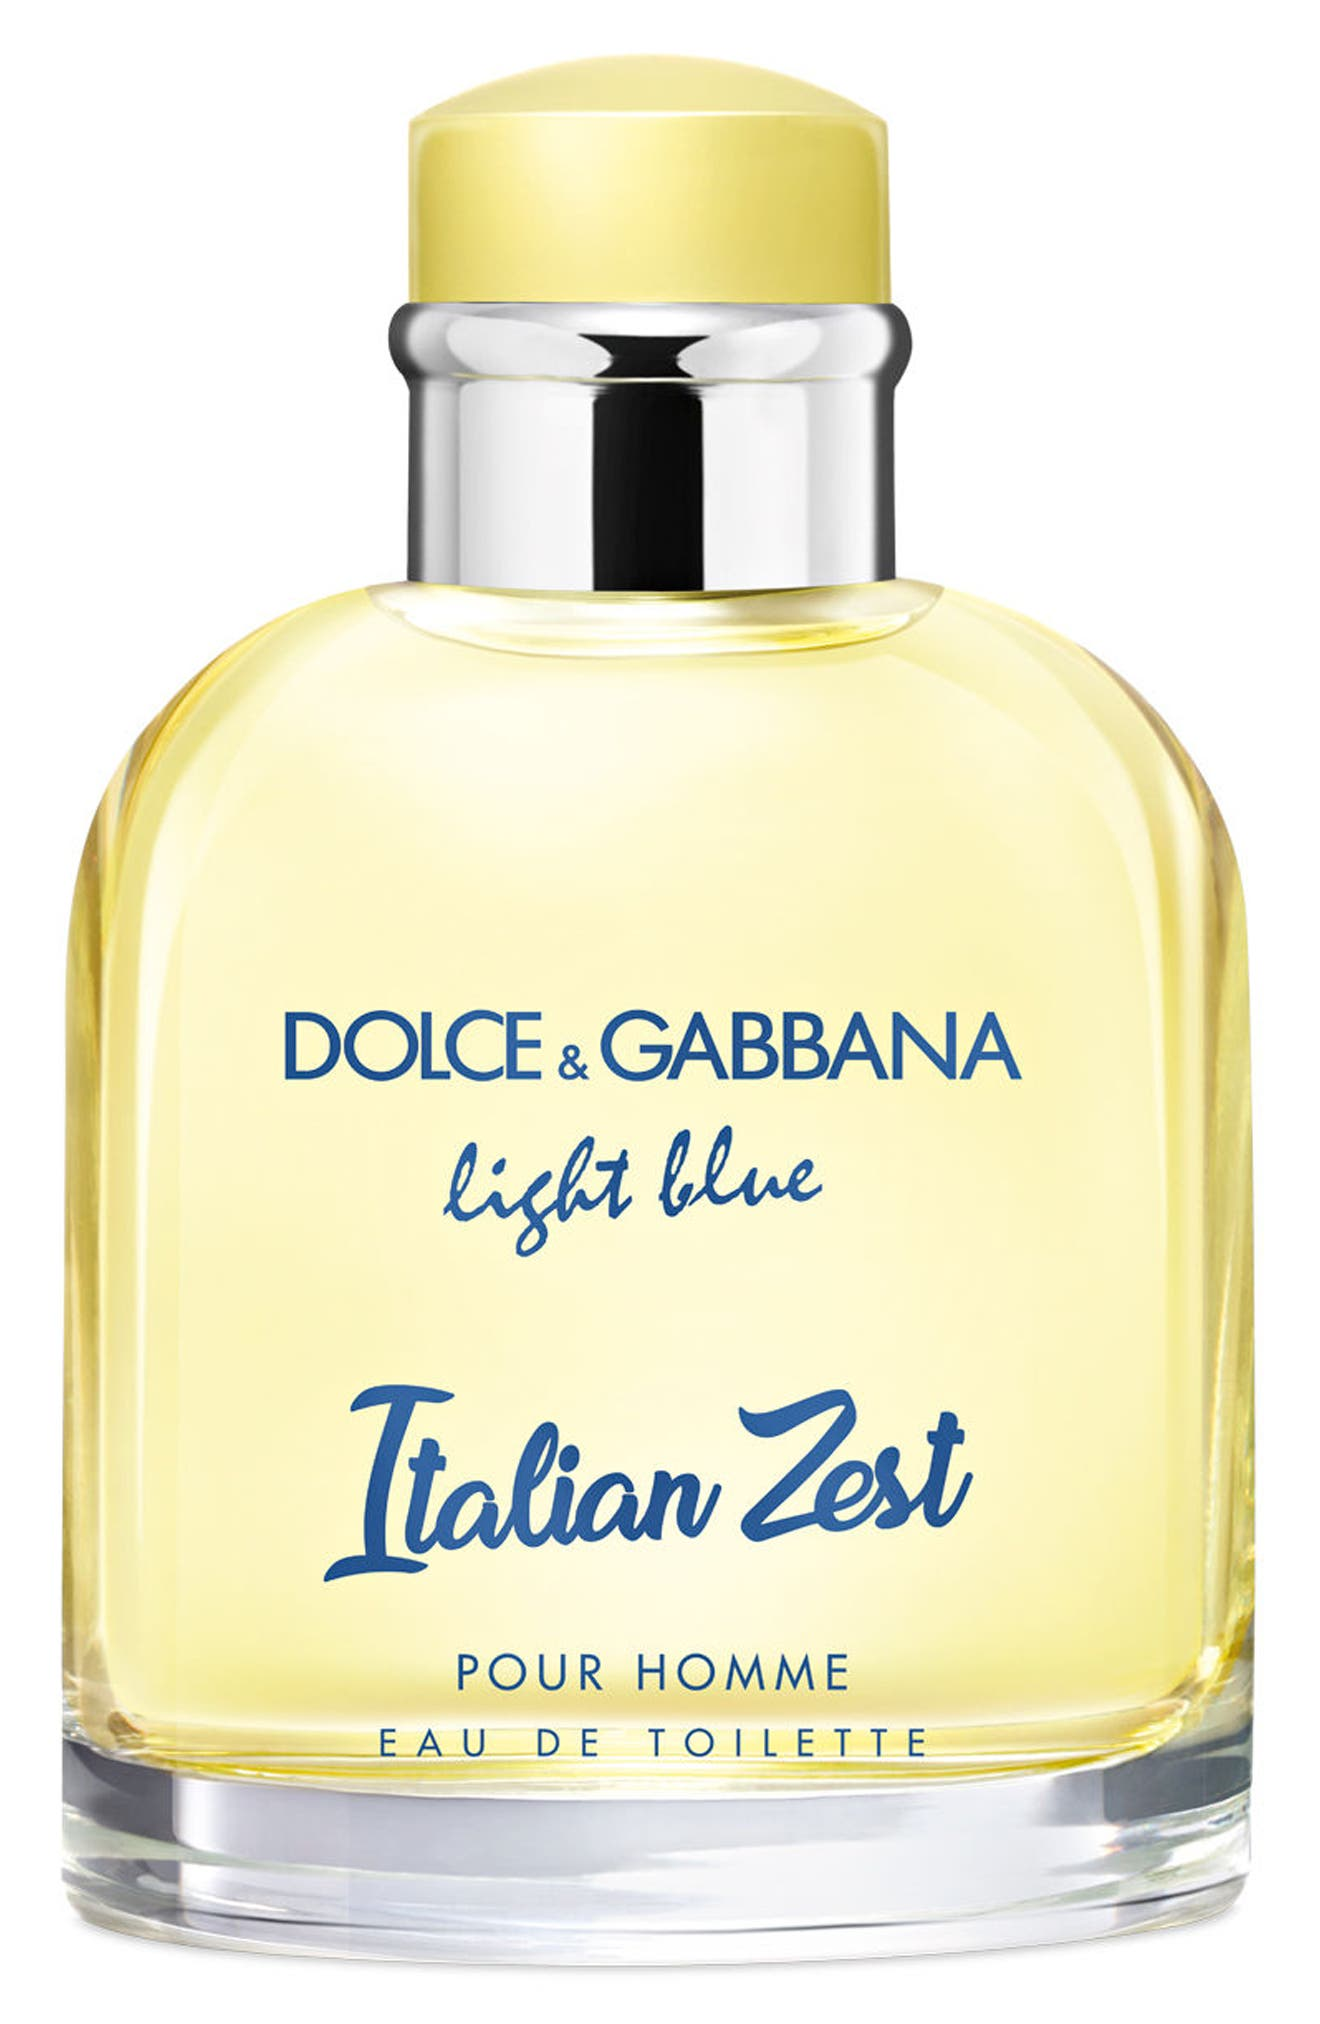 Dolce&Gabbana Light Blue Italian Zest pour Homme Eau de Toilette,                             Main thumbnail 1, color,